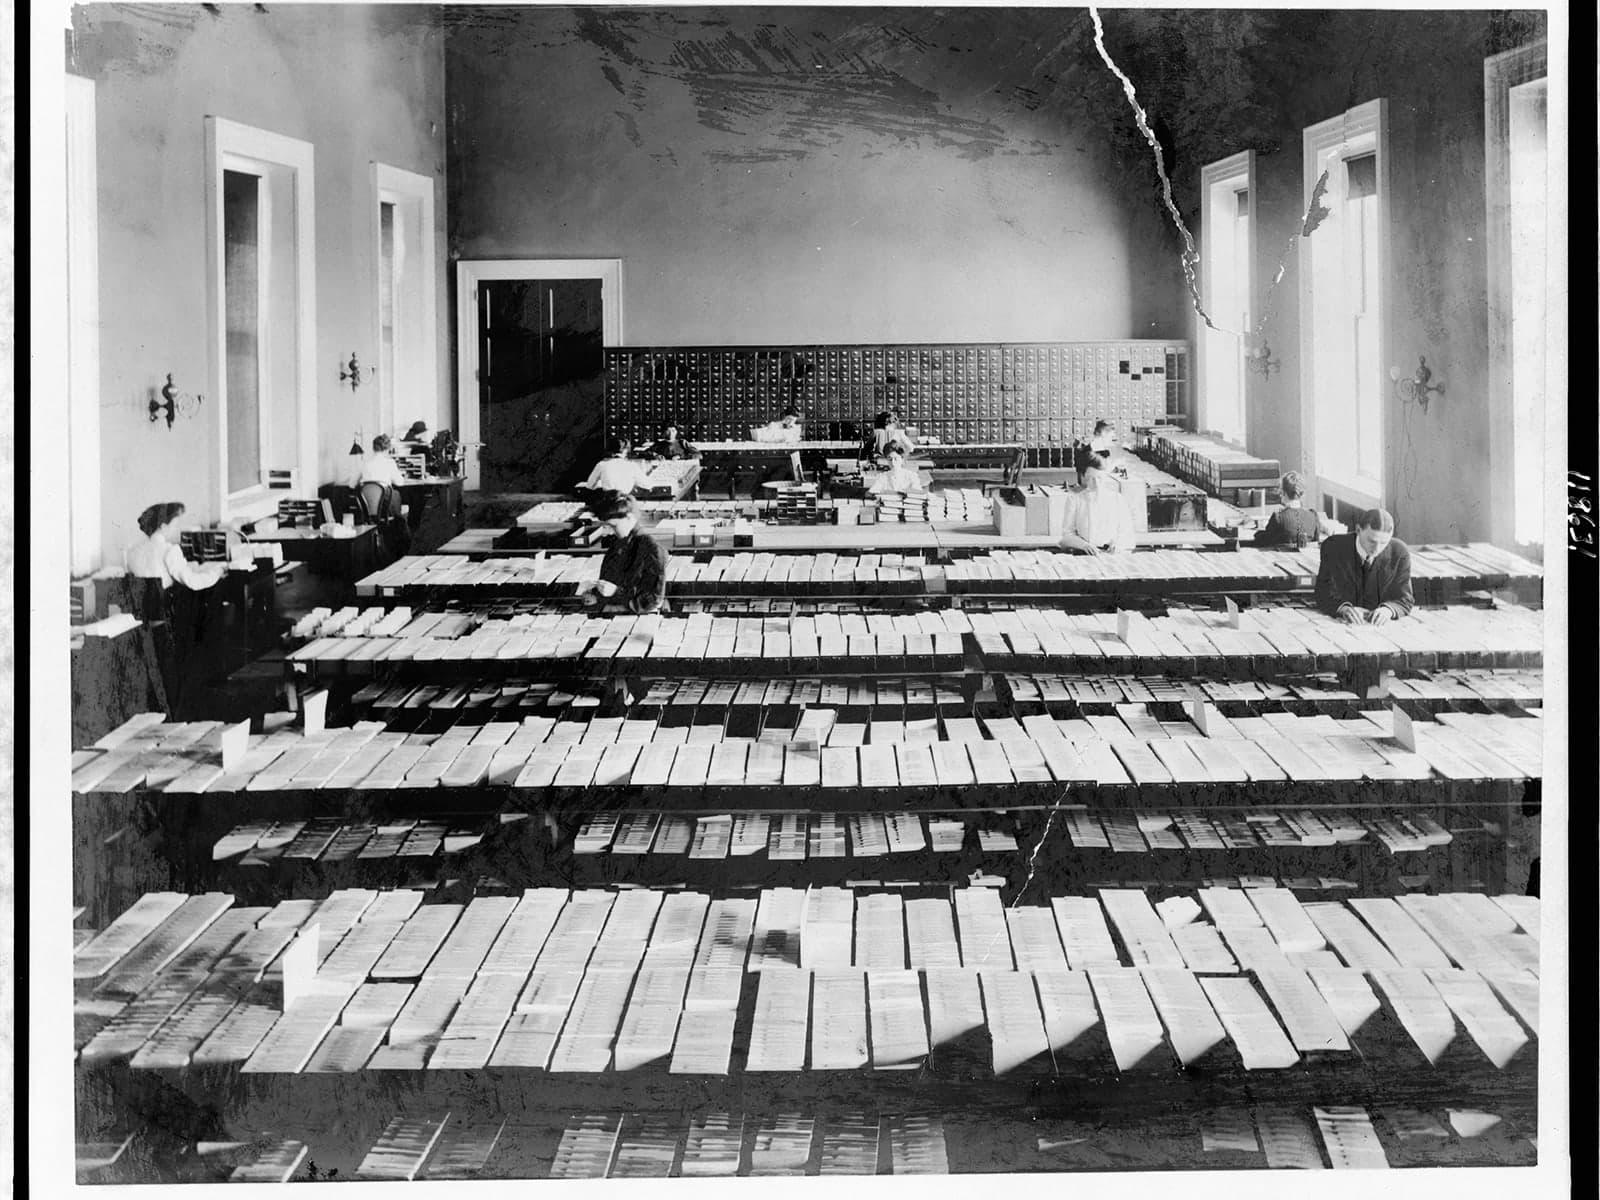 لماذا الكتب الورقية مهمة؟